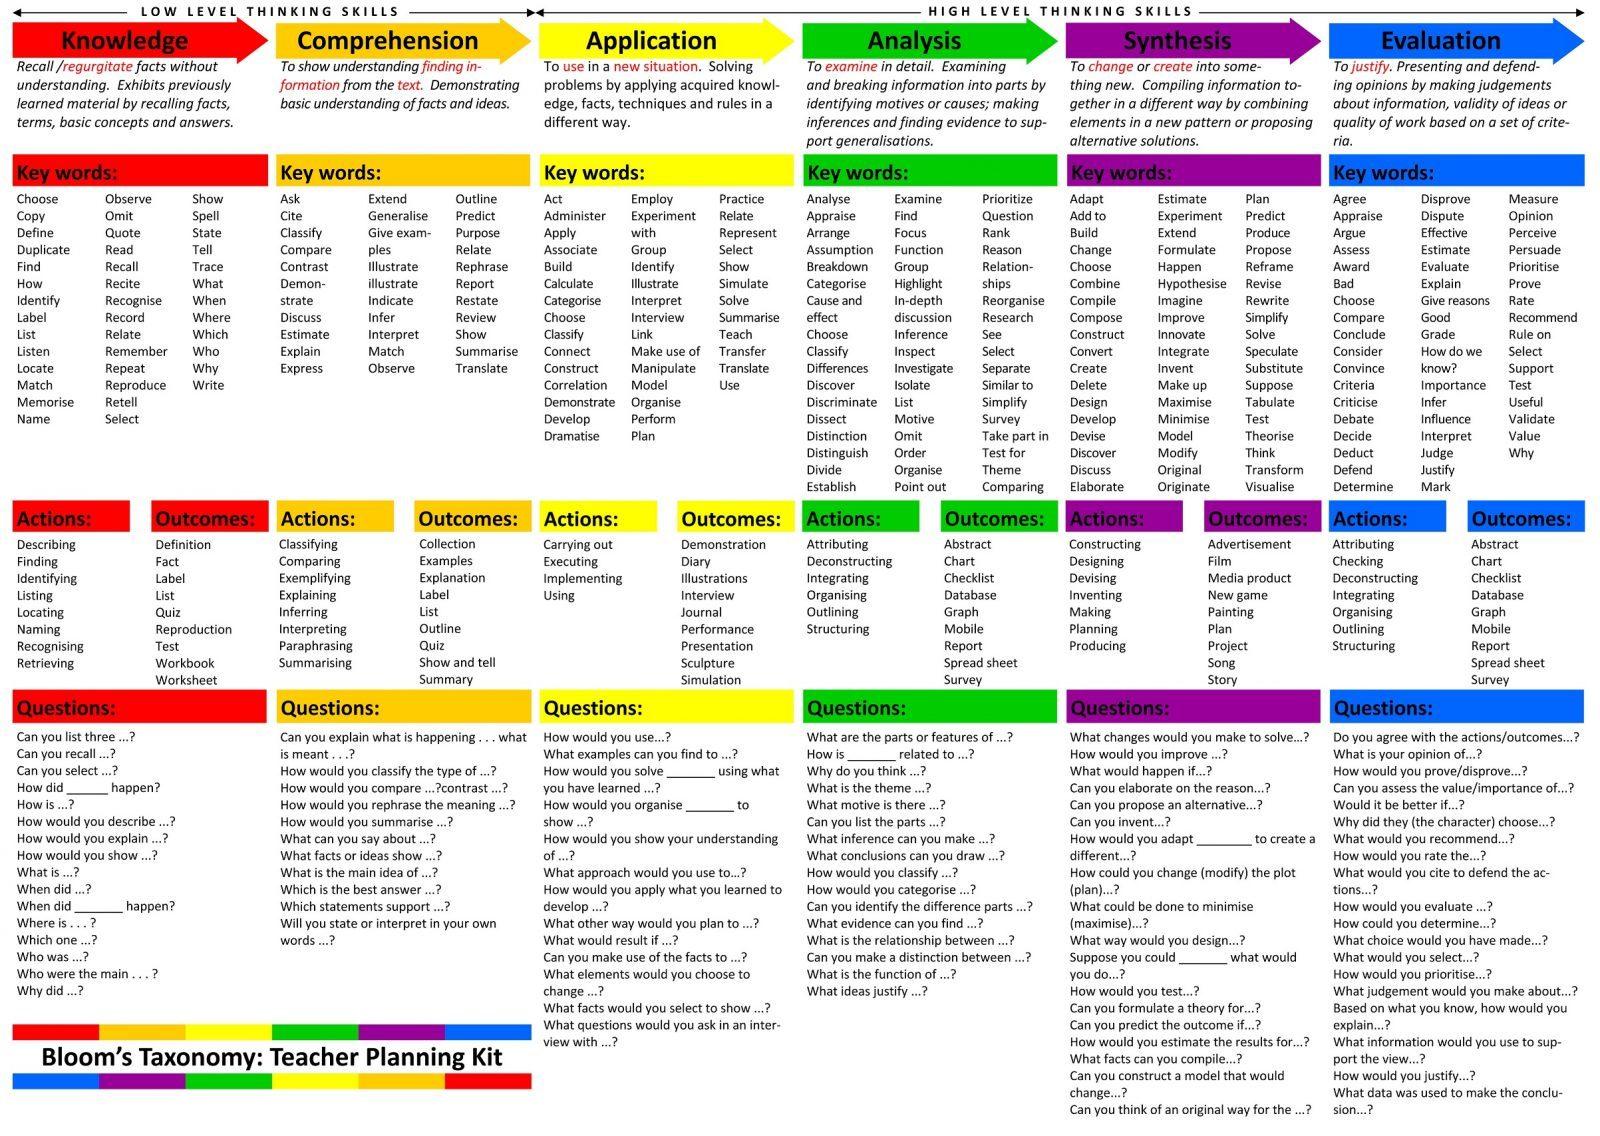 [資料] Bloom's Taxonomy Planning Kit for Teachers